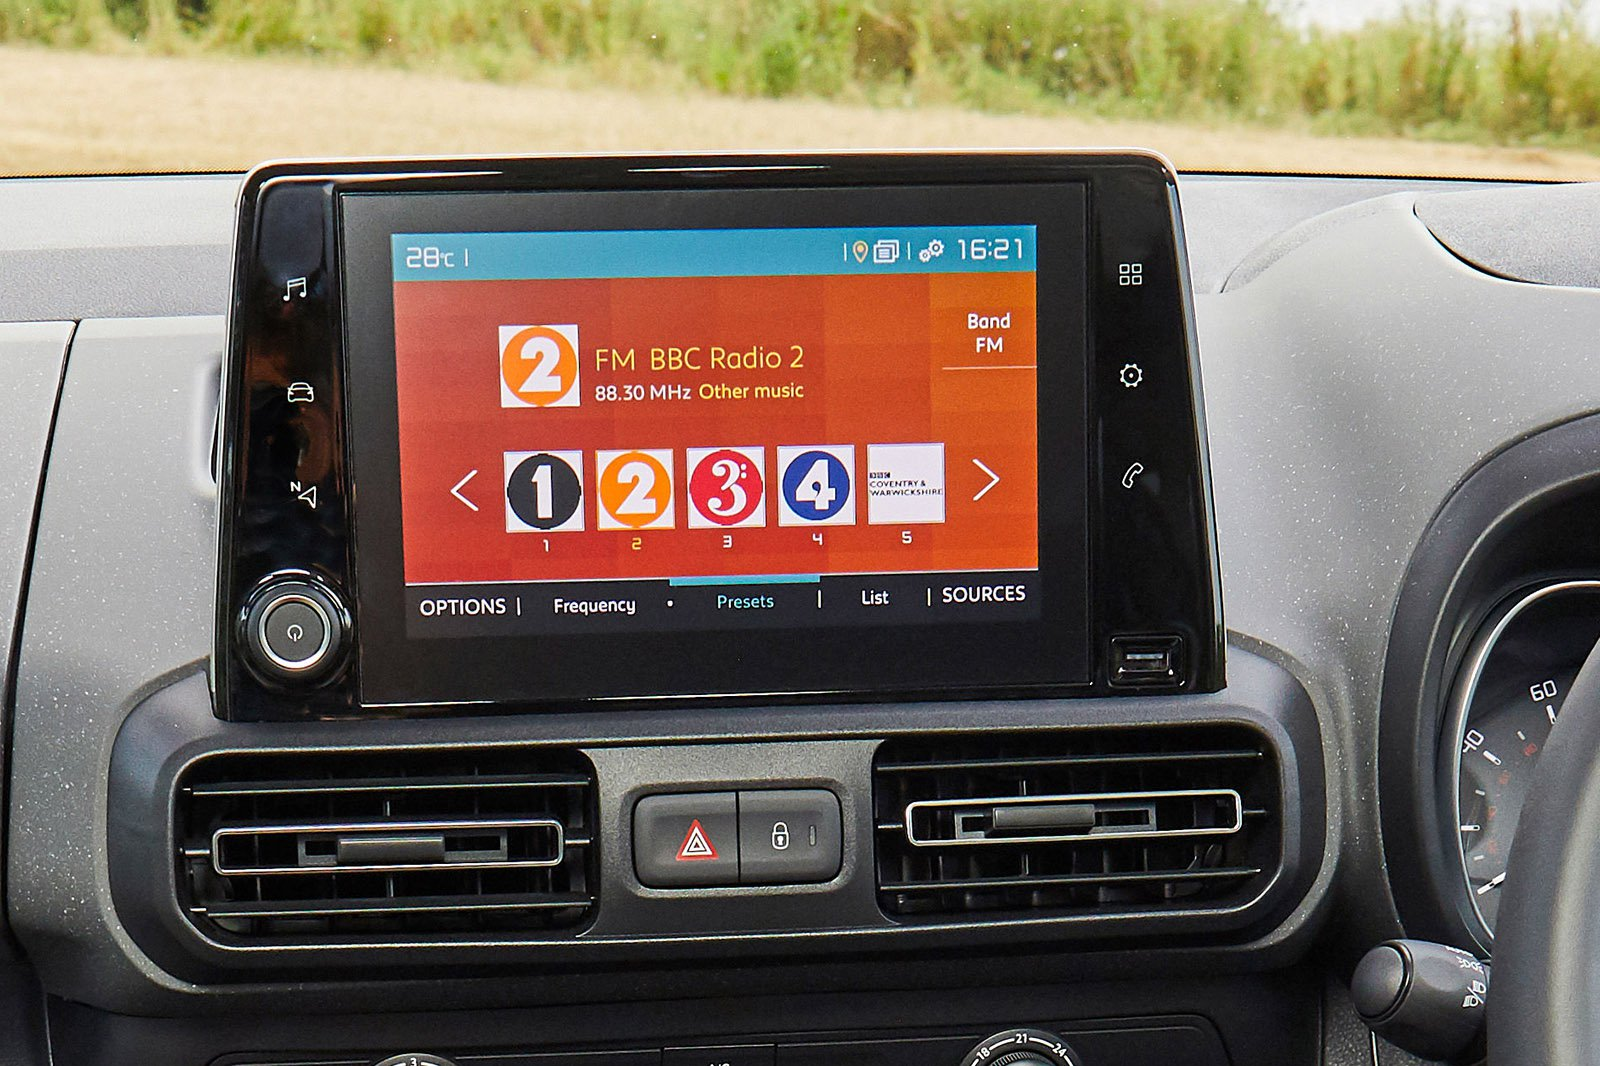 Citroën C3 2020 infotainment